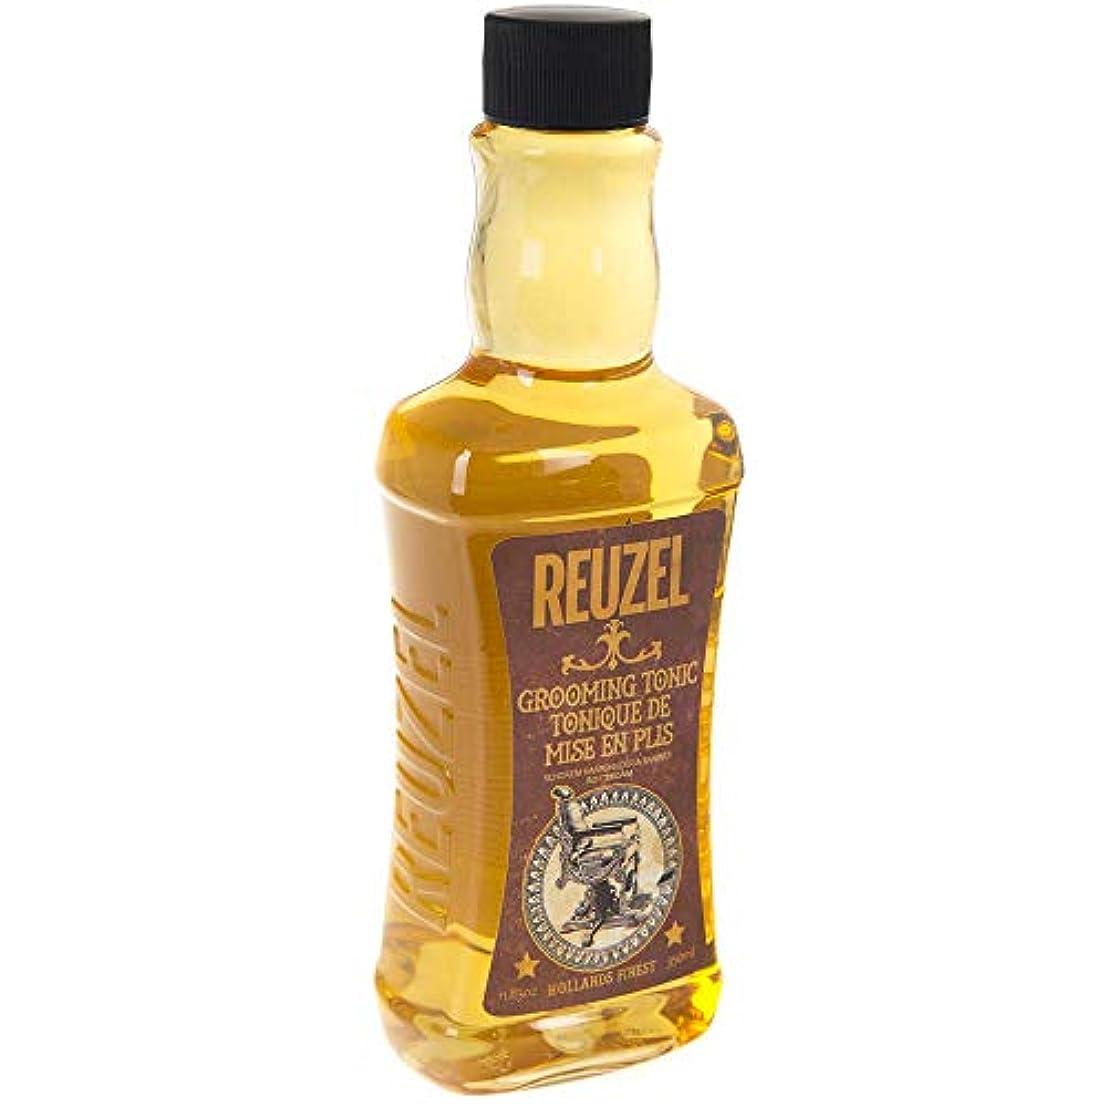 遠近法心理的仮定ルーゾー グルーミング トニック Reuzel Grooming Tonic 350 ml [並行輸入品]